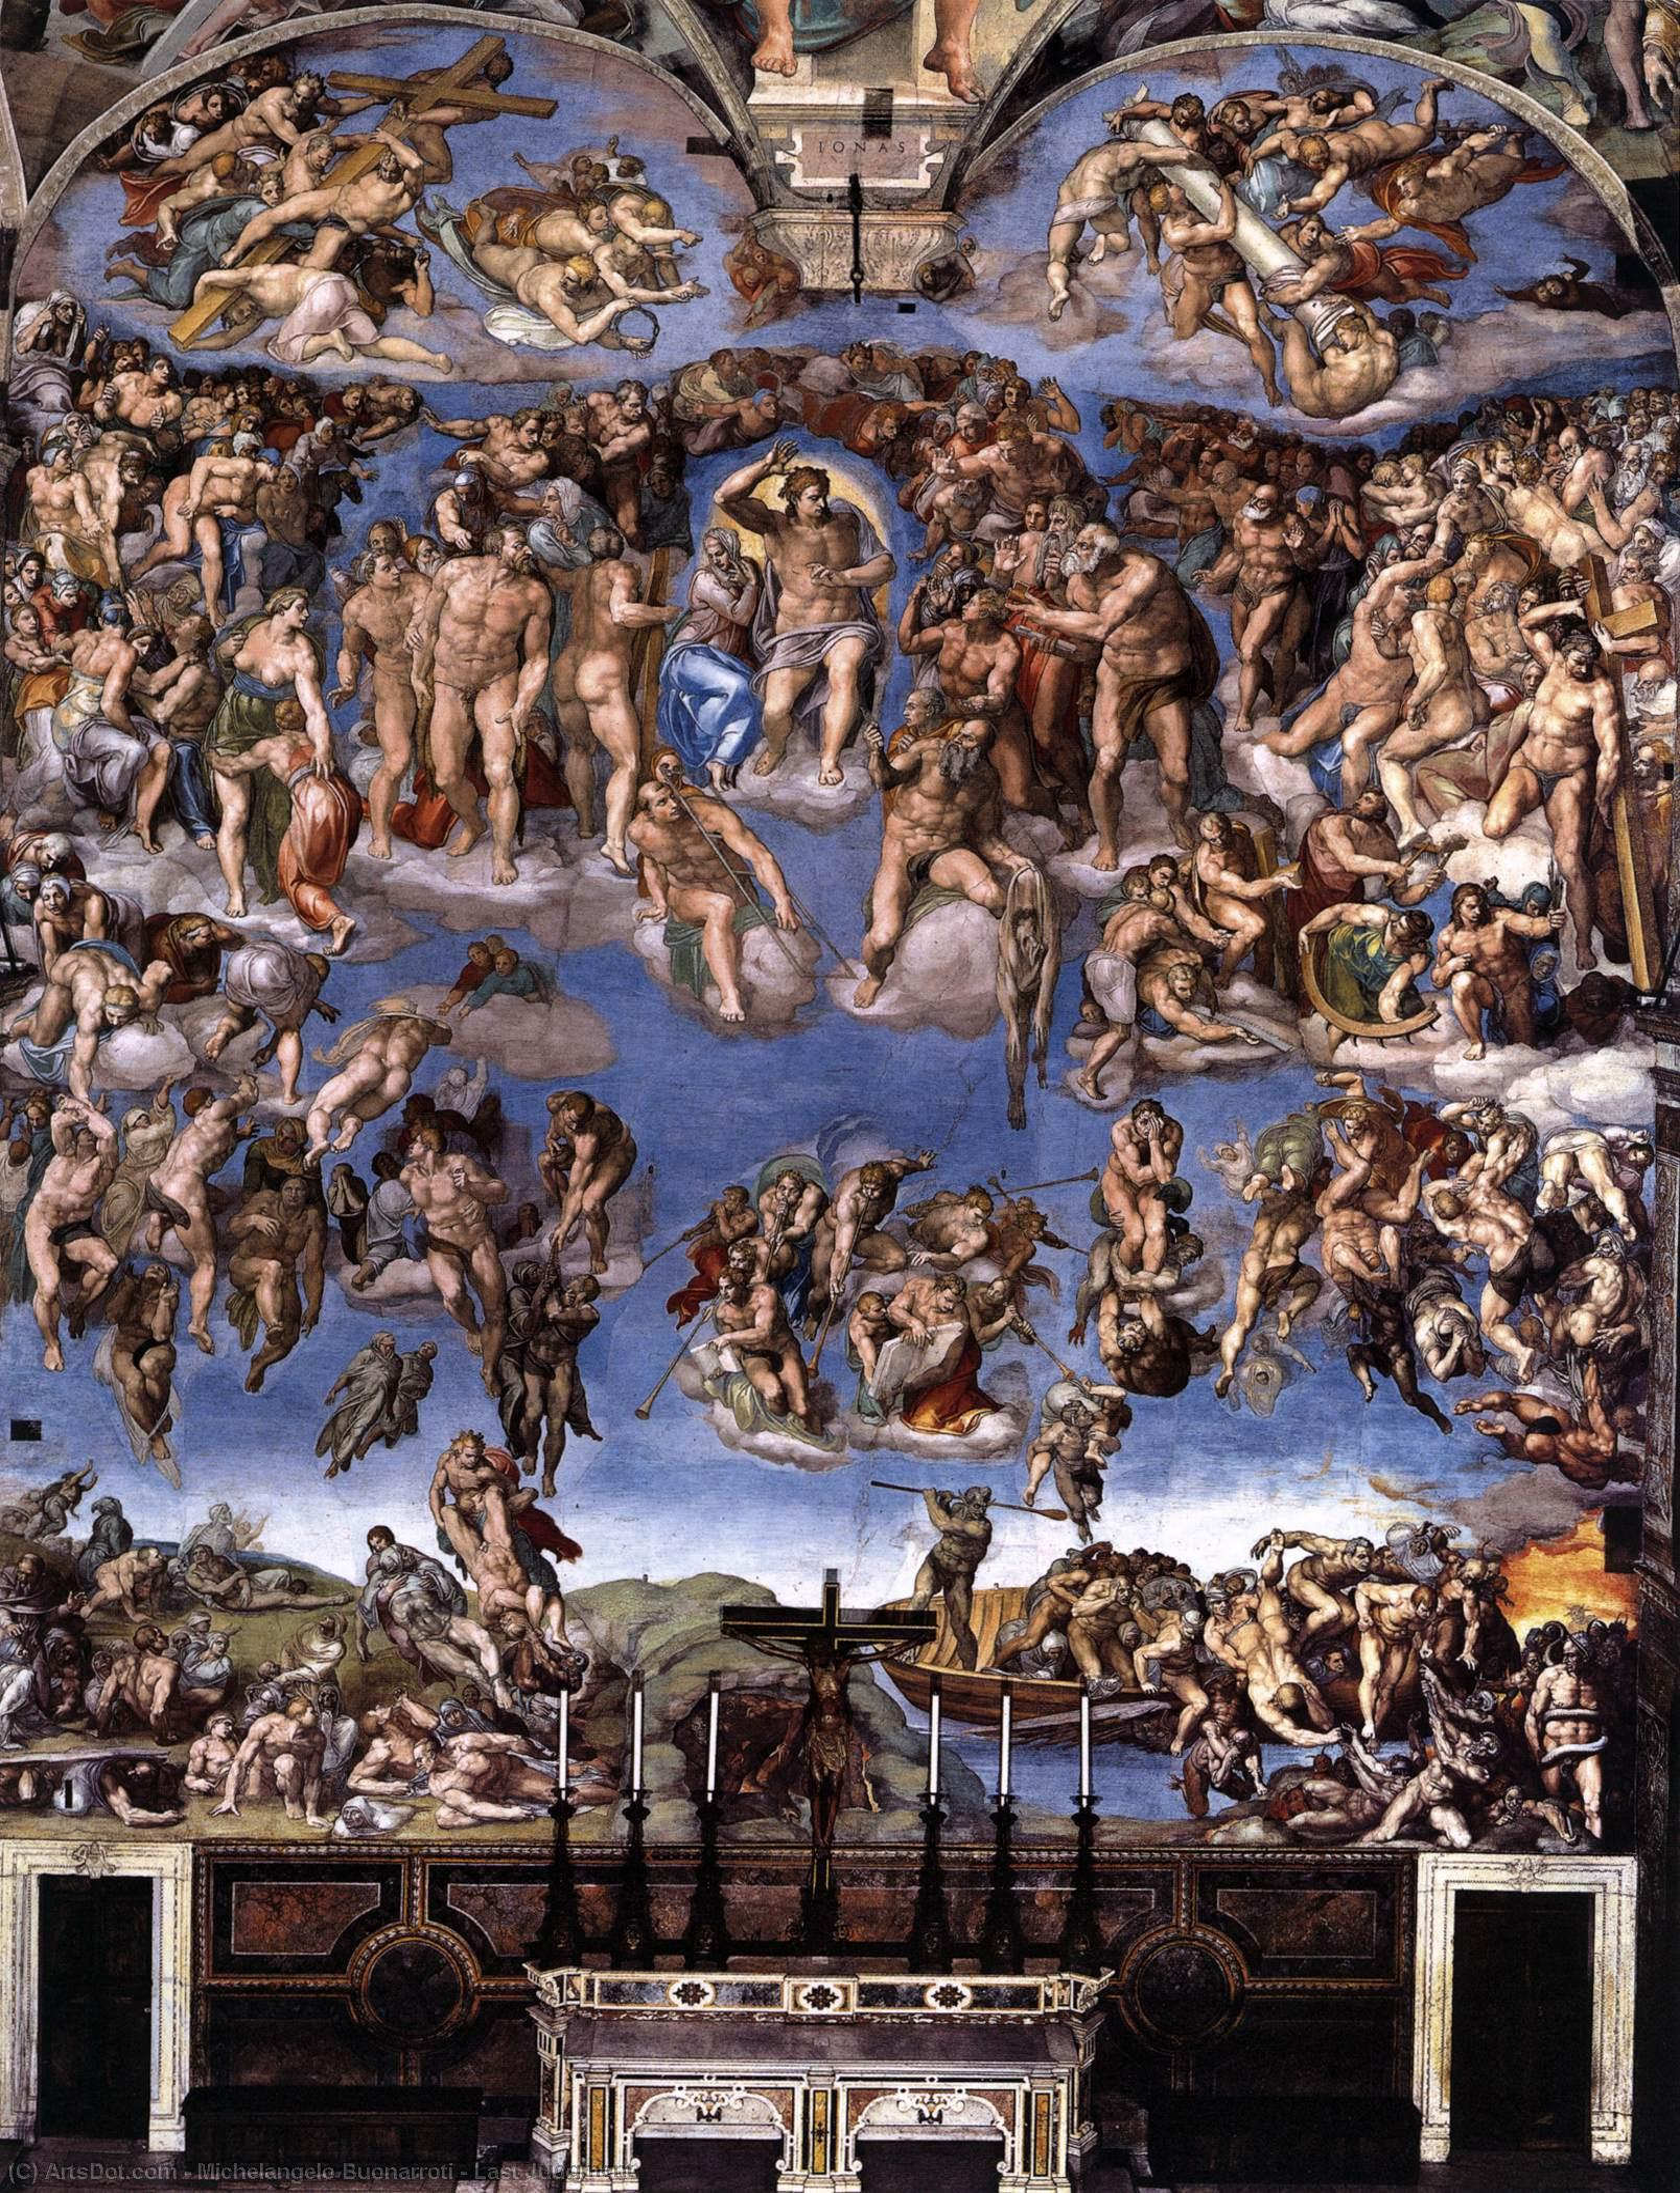 Last Judgment - Michelangelo Buonarroti